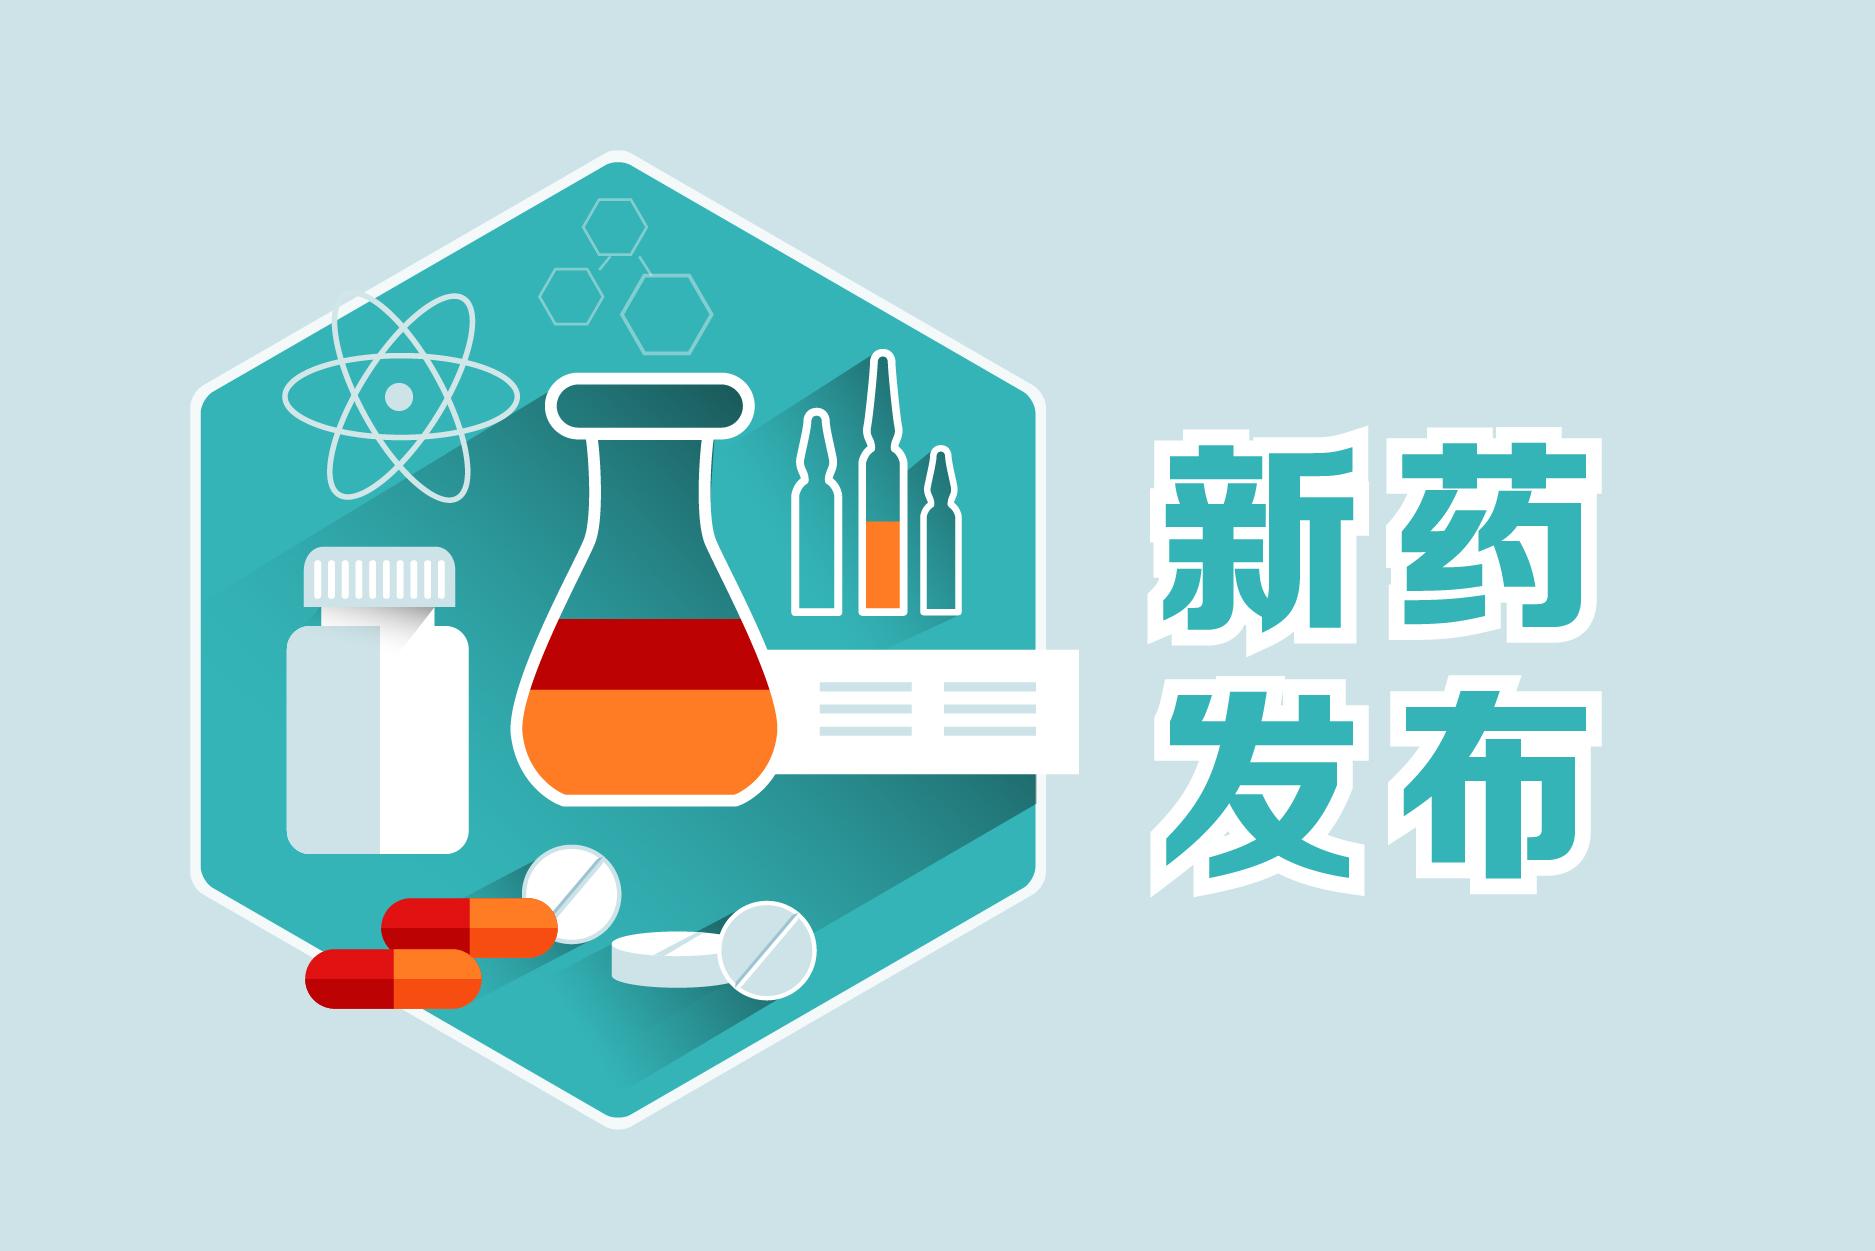 新型抗甲型流感病毒复合物研发成功